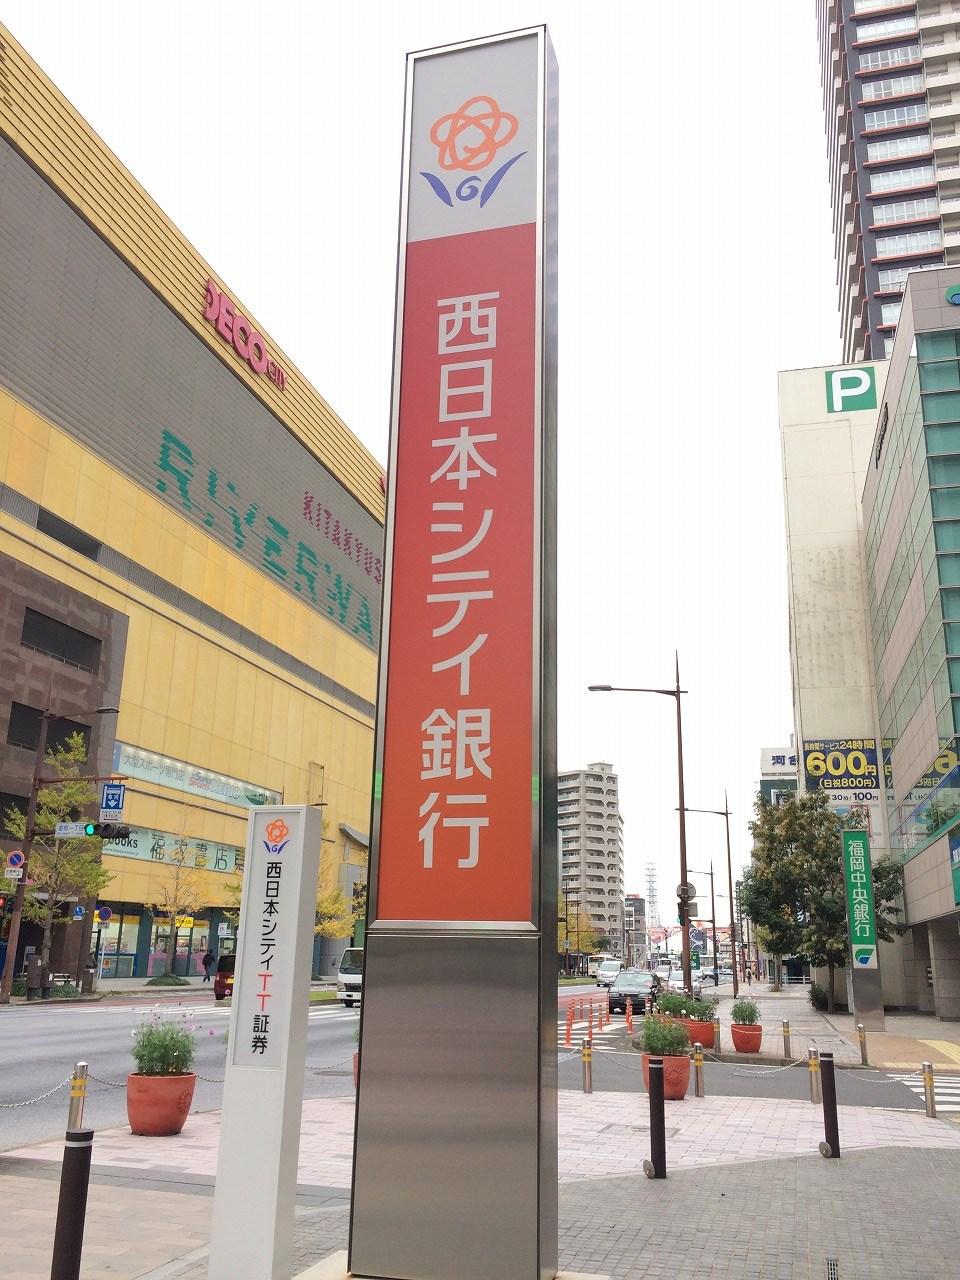 銀行:西日本シティ銀行 スーパー川食志井店 (ATM) 345m